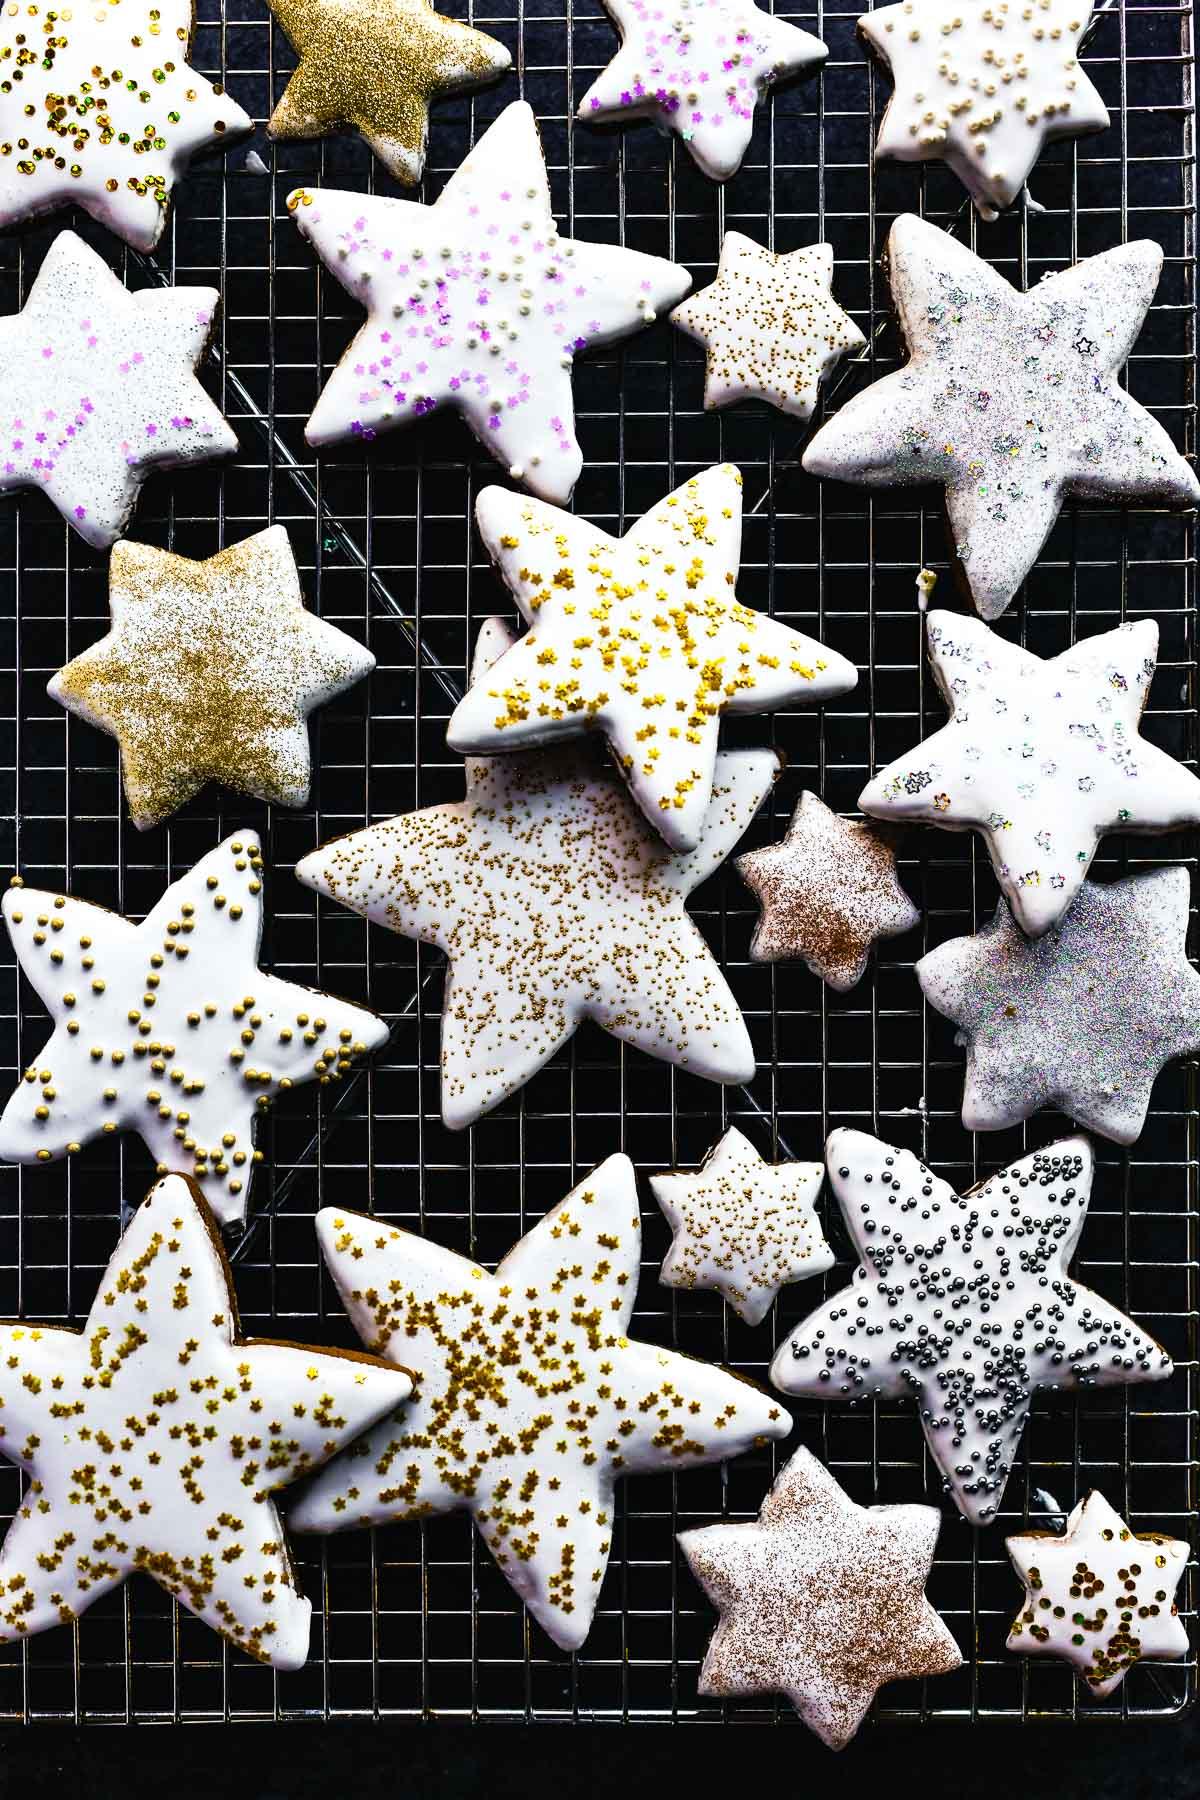 star gingerbread cookies with sprinkles